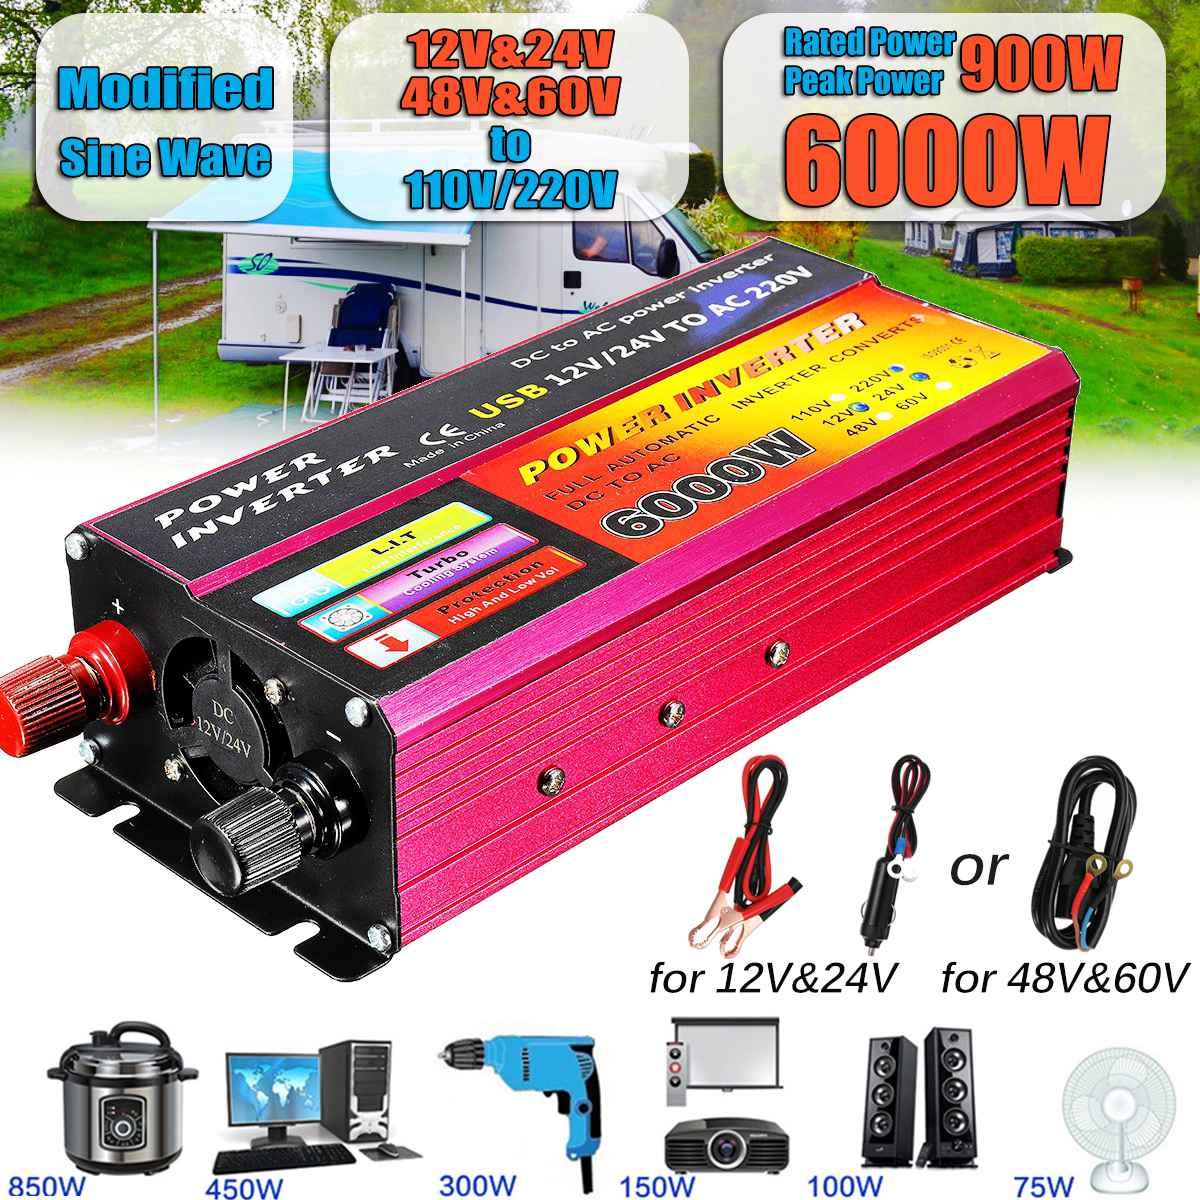 Inversor Solar 12V 220V 1000W 6000W Transformador Conversor de Voltagem DC 12 Pe ak V & 24V 48V & 60V Para AC 110 V/220 V Auto Inversor Adaptar